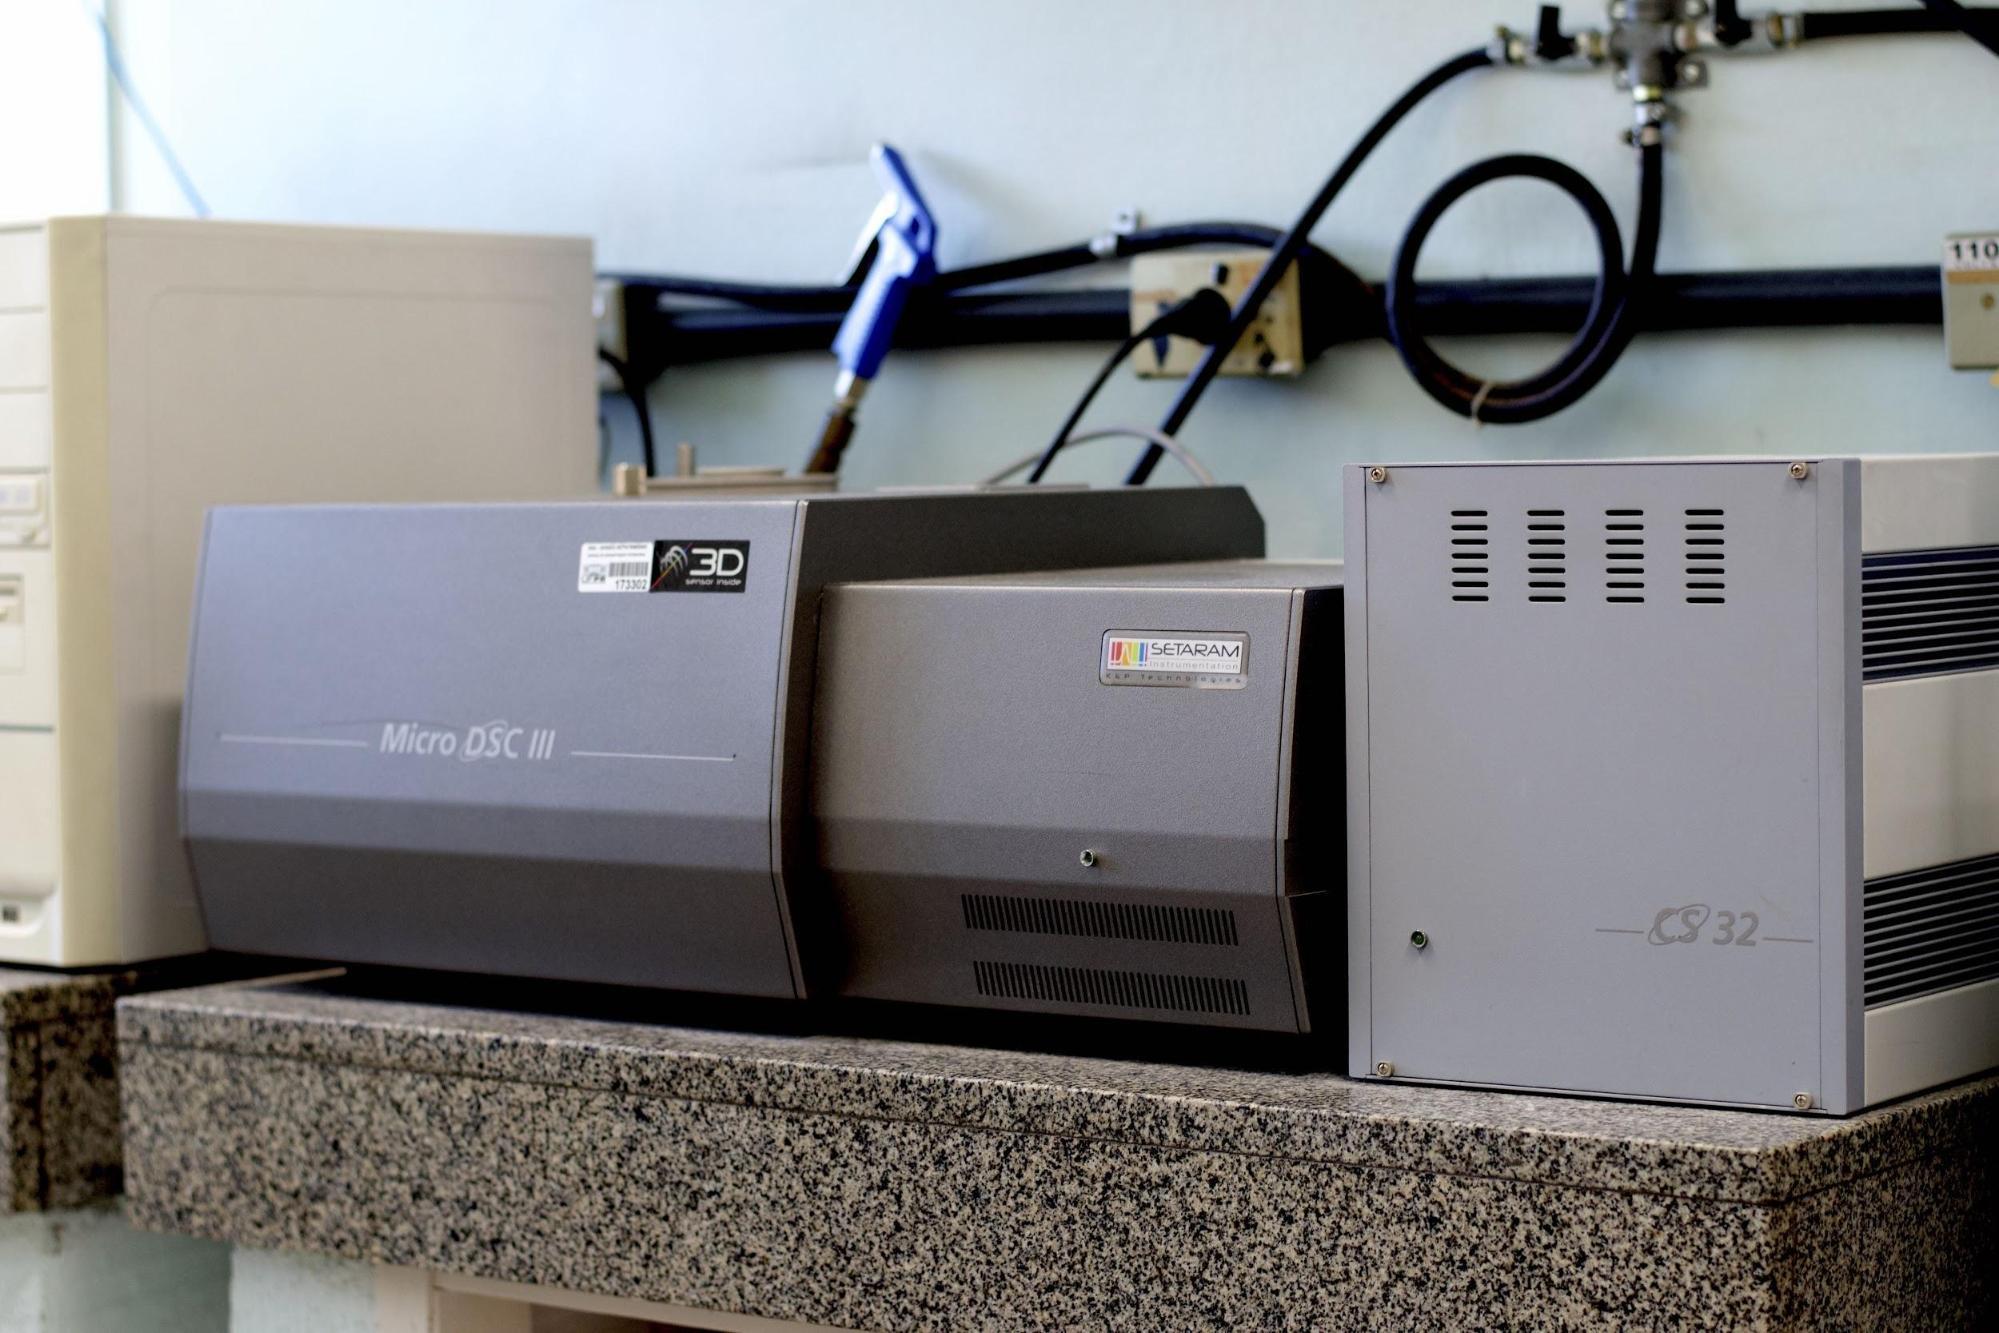 Figura 2: Equipamento DSC, marca Setaram, modelo micro DSC III<br/>FONTE: BIOPOL, (2020).